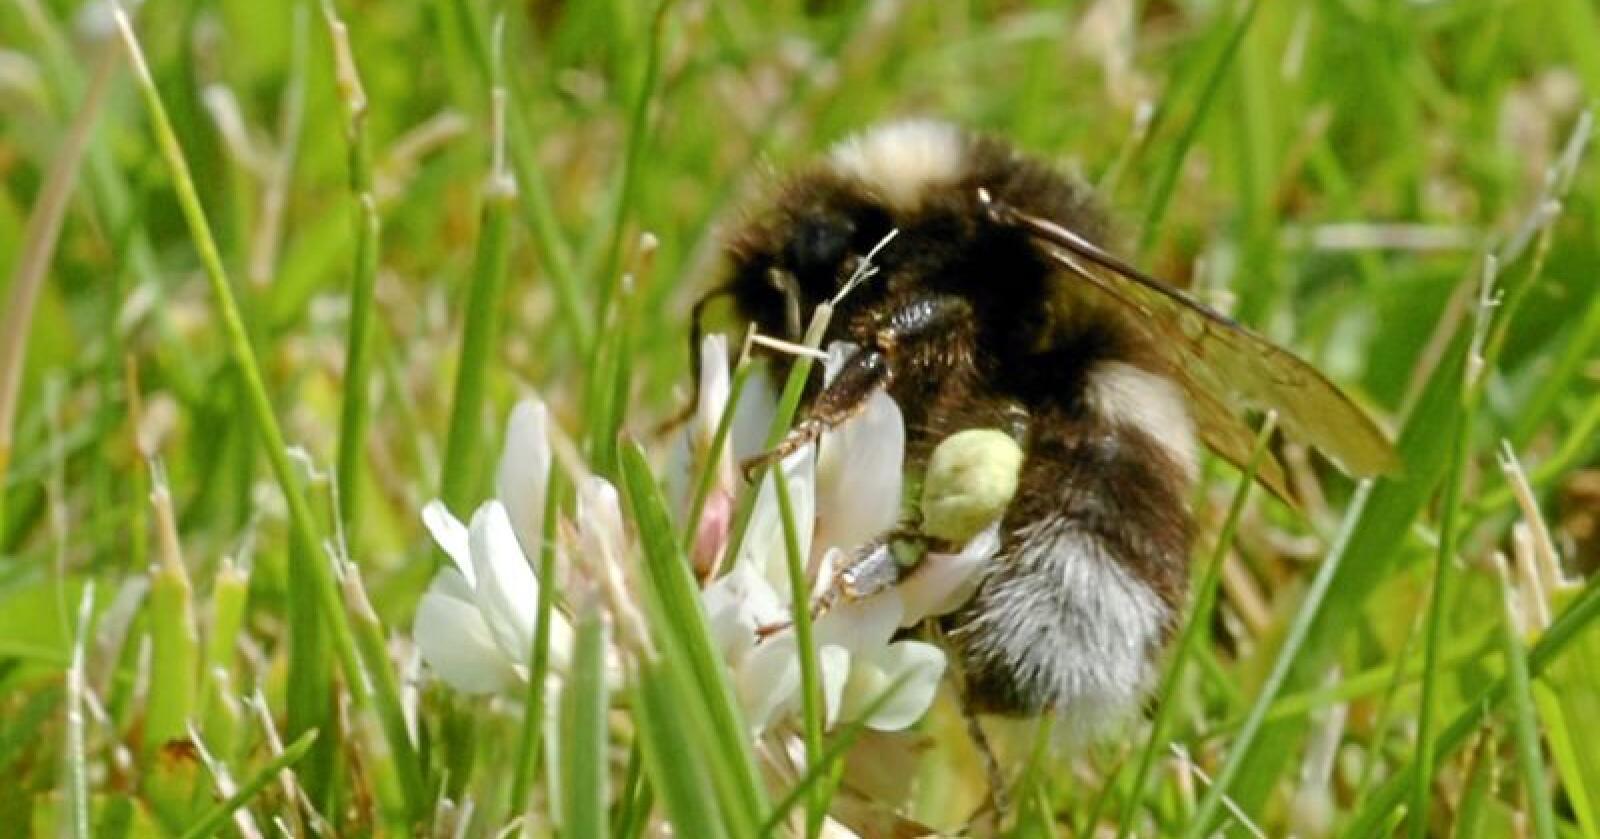 Pollinatorer trenger mat: Humler er viktige ledd i den økologiske veven. Foto: Terje Pedersen/NTB scanpix